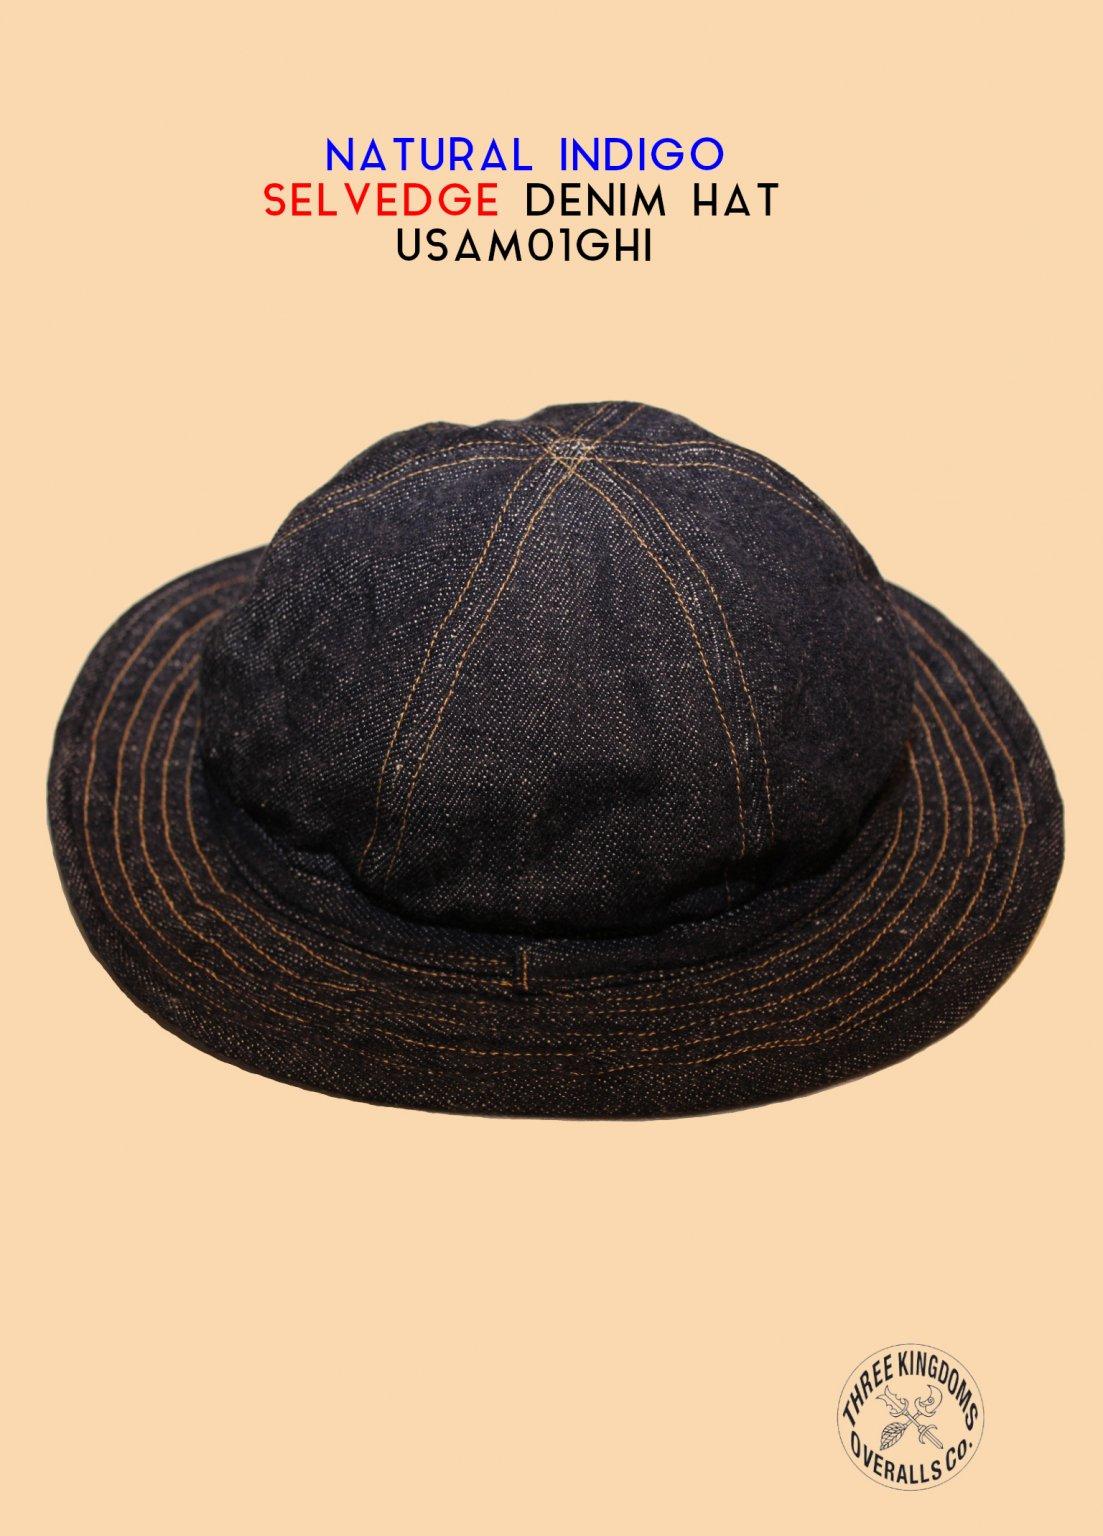 USAM01GHI BULLET HAT